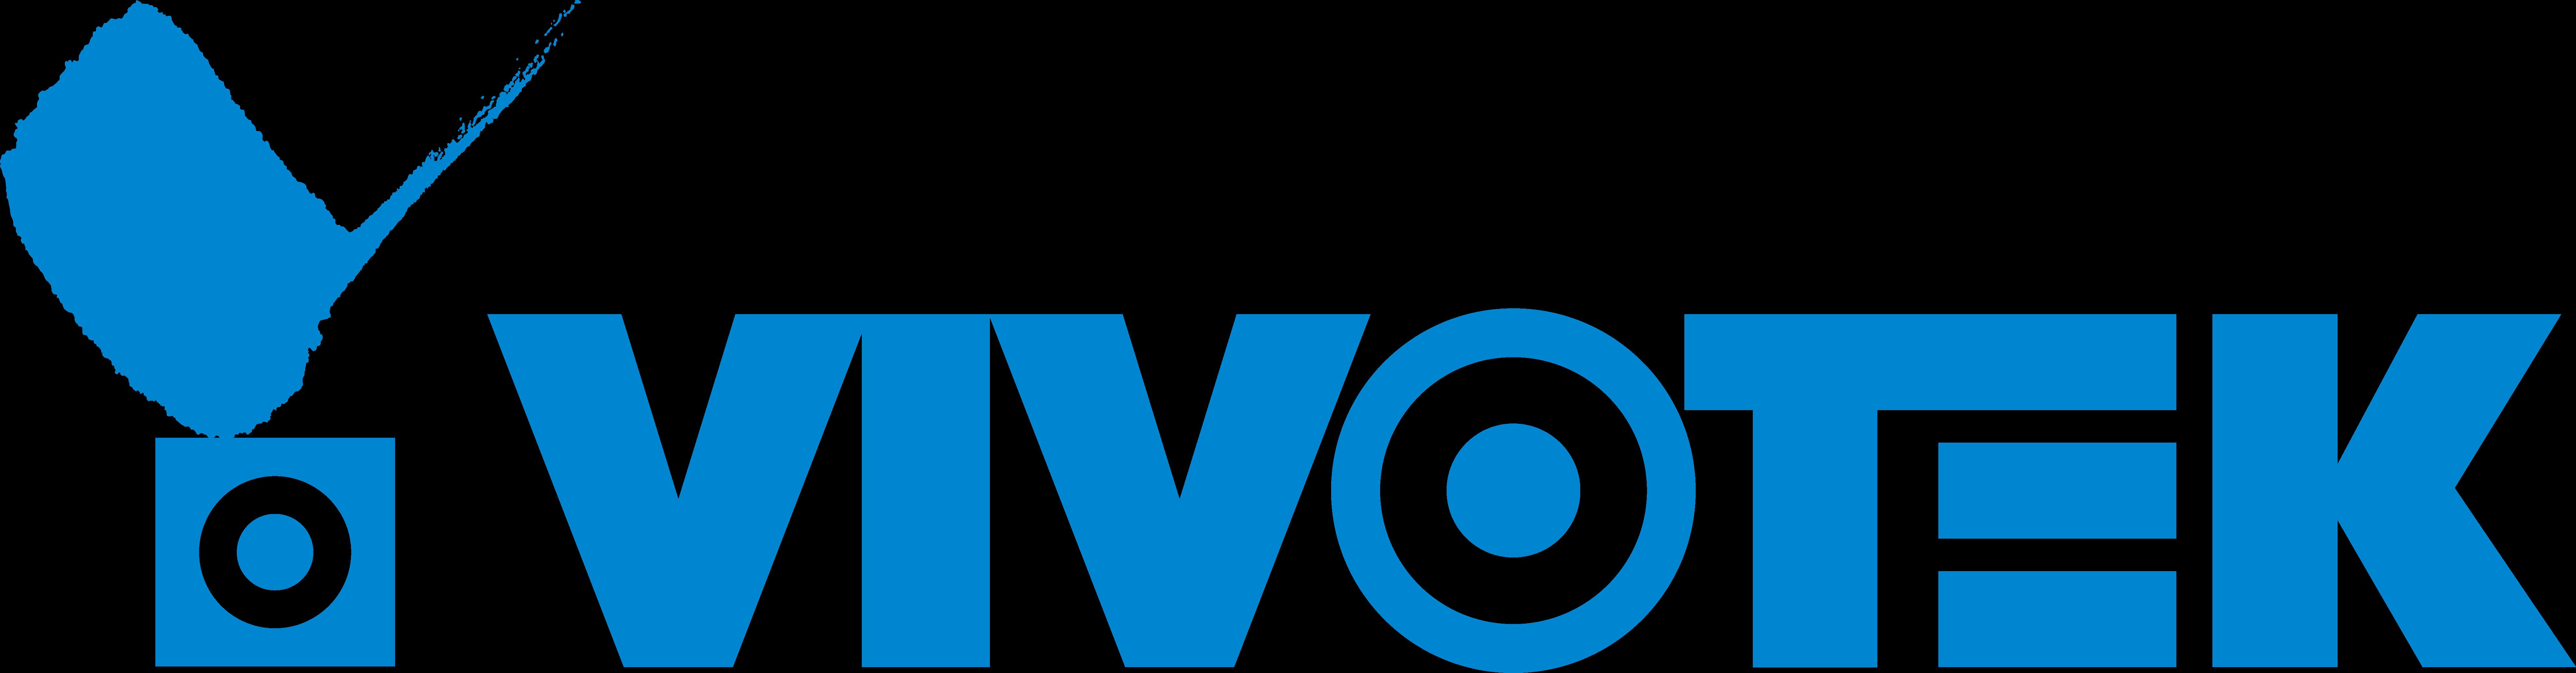 Vivotek_